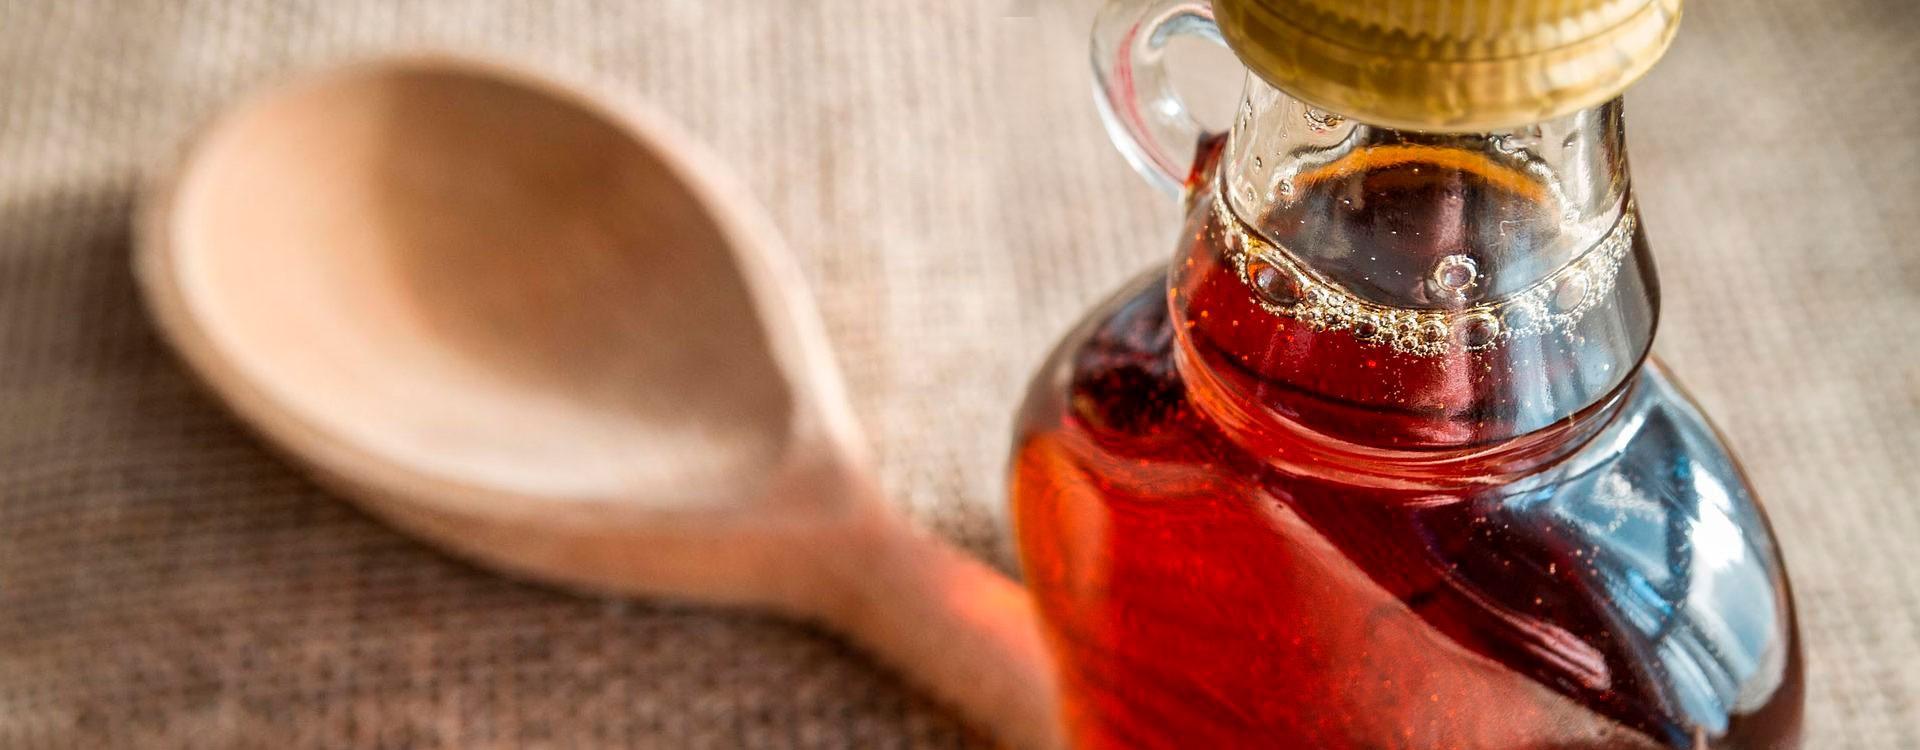 Рефрактометры для кремов, шампуней и гелей